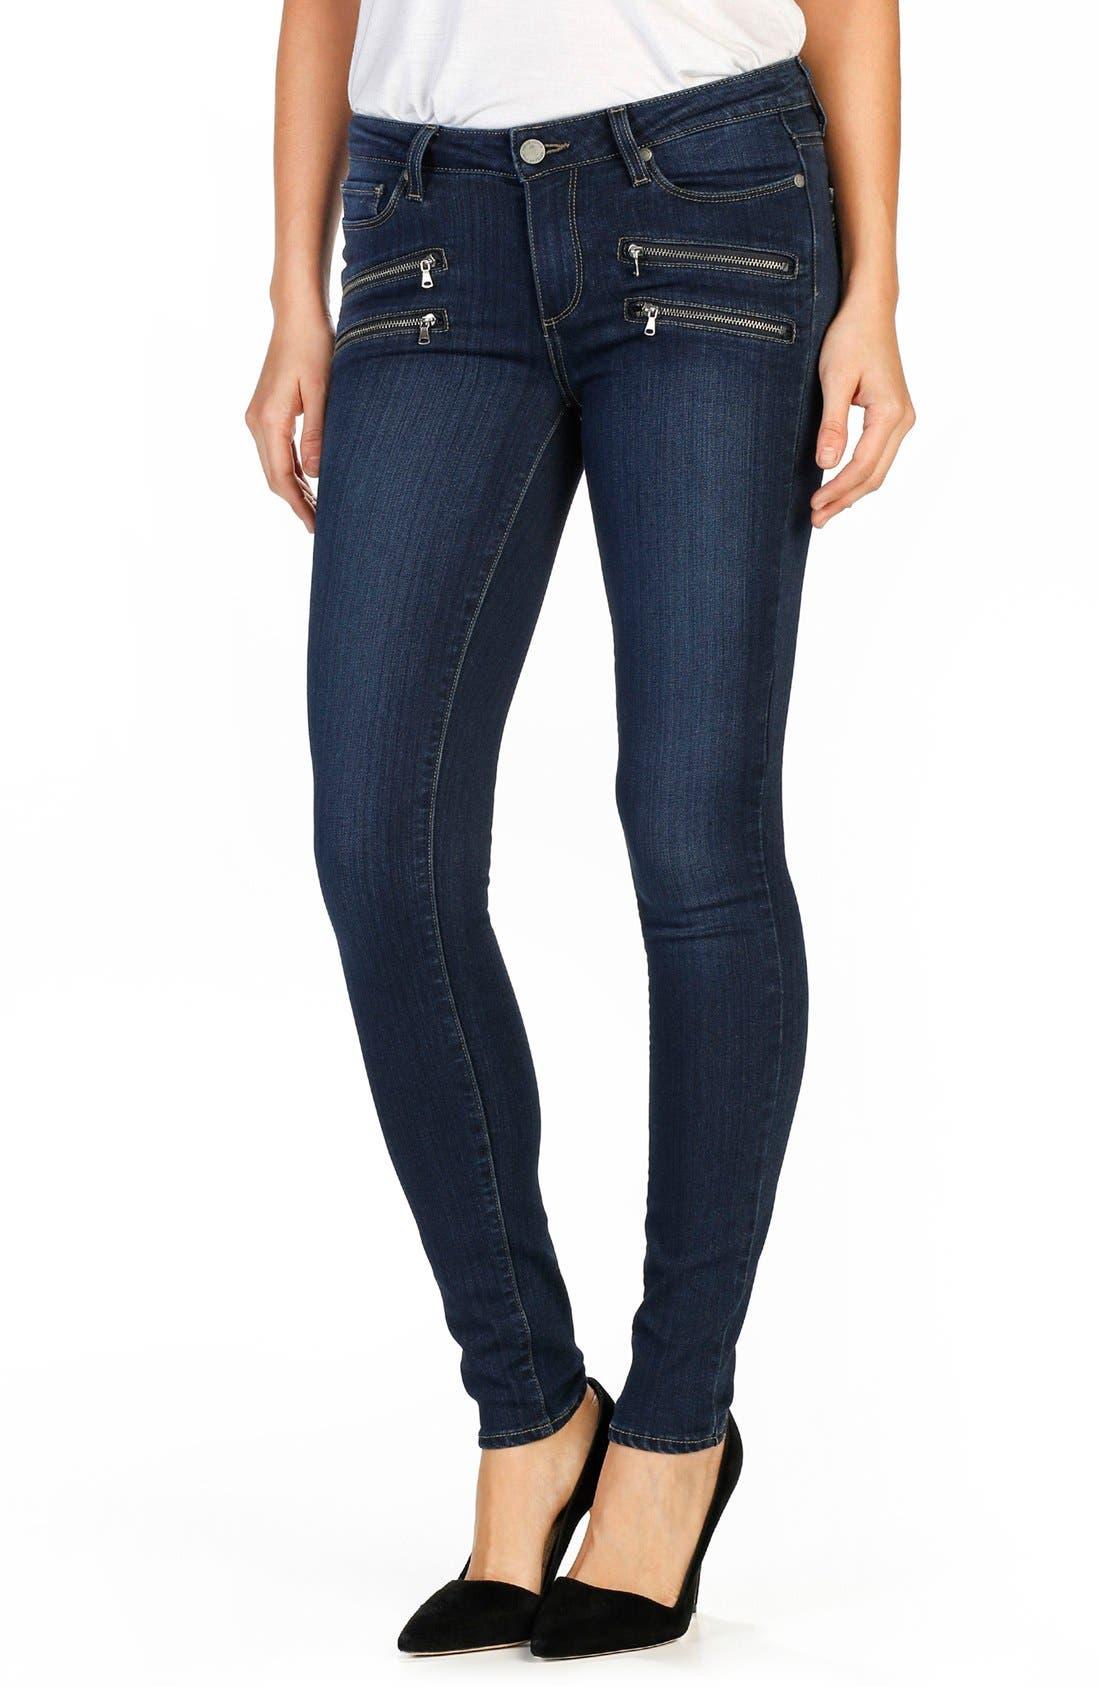 PAIGE Transcend - Edgemont Ultra Skinny Jeans (Alden No Whiskers)